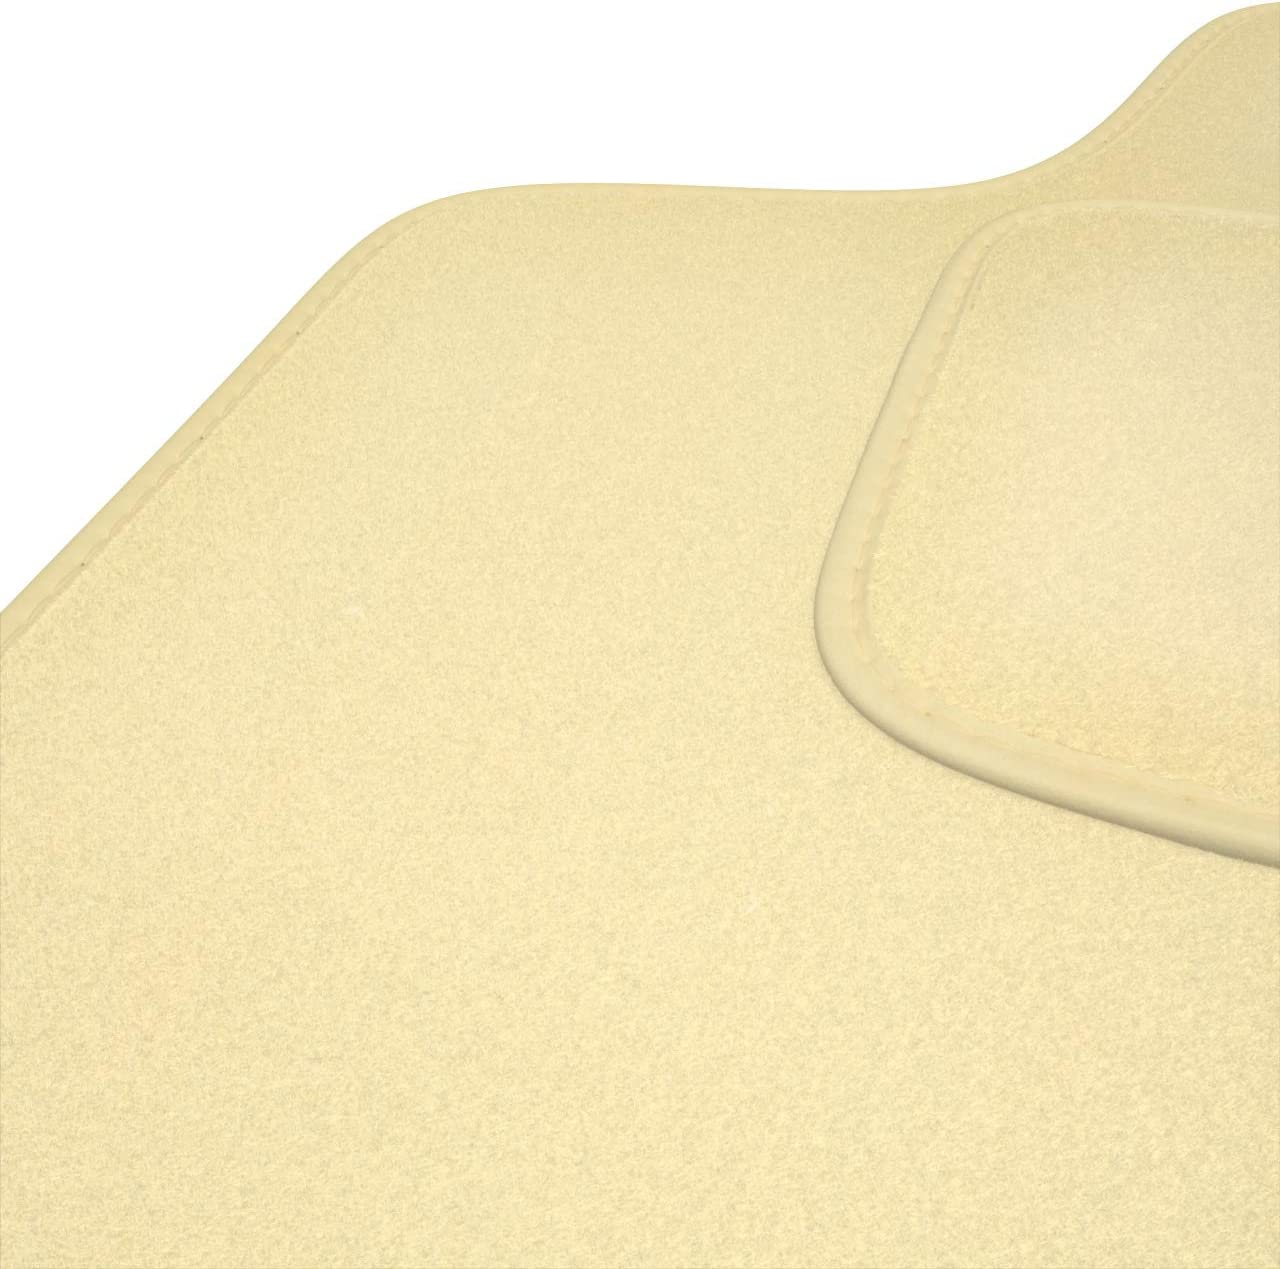 2 Piezas Mossa Premium Alfombrillas de Velour Beige 5902538781060